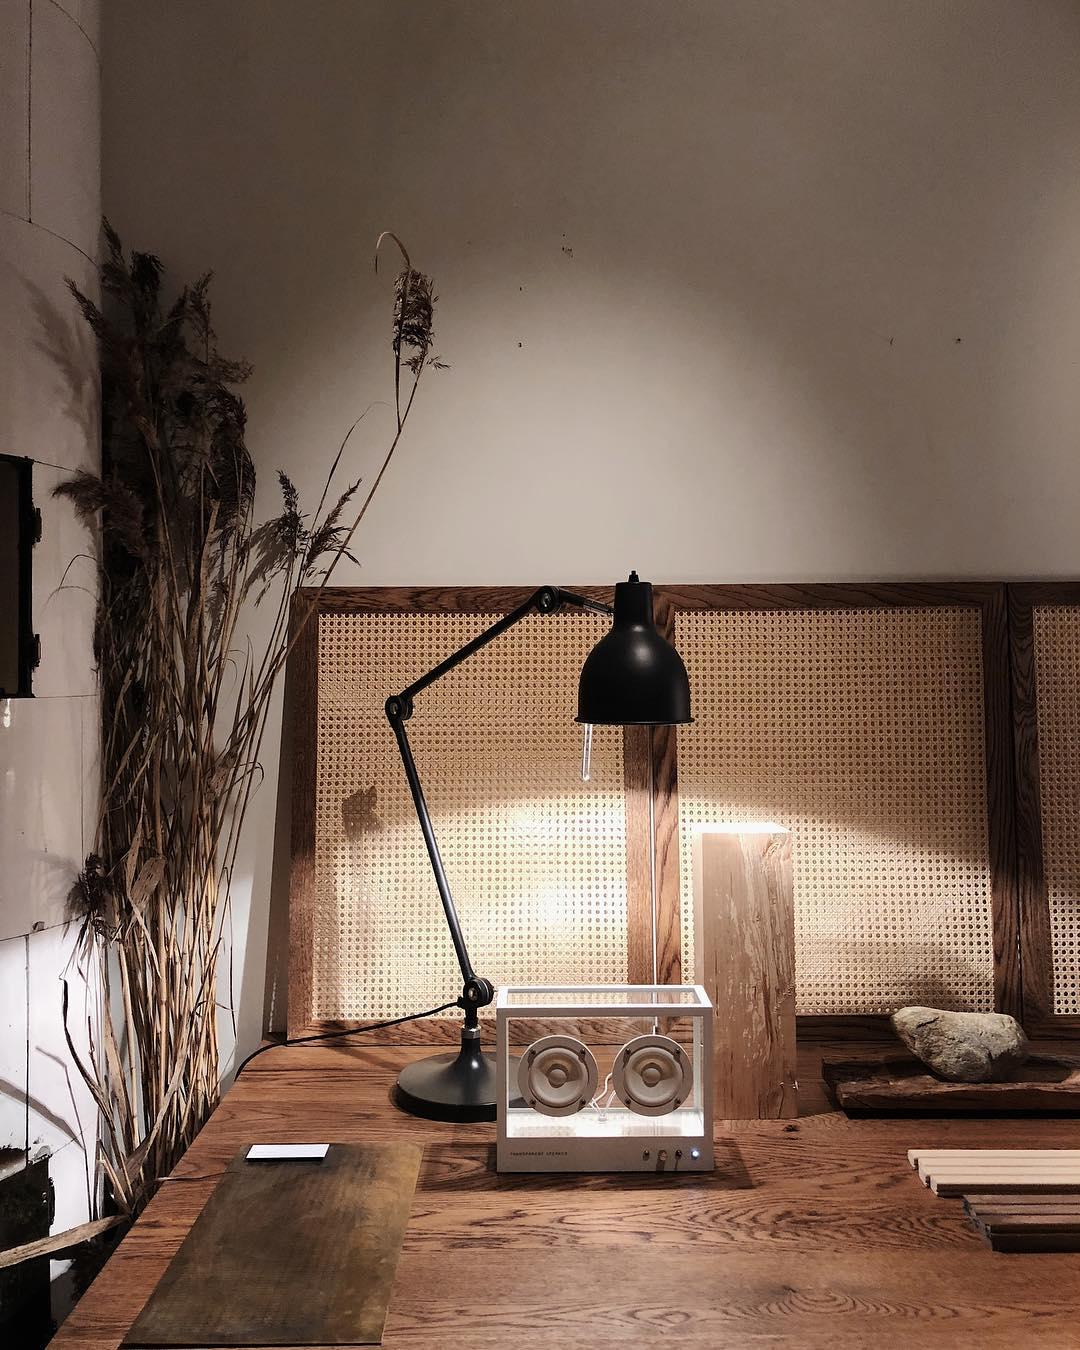 お気に入りの家具やアートのように、音楽をインテリアにしてくれる。ガラスとスピーカーユニット2つだけ、美しい佇まいの「Bluetoothスピーカー」|TRANSPARENT SPEAKER(トランスペアレント スピーカー)